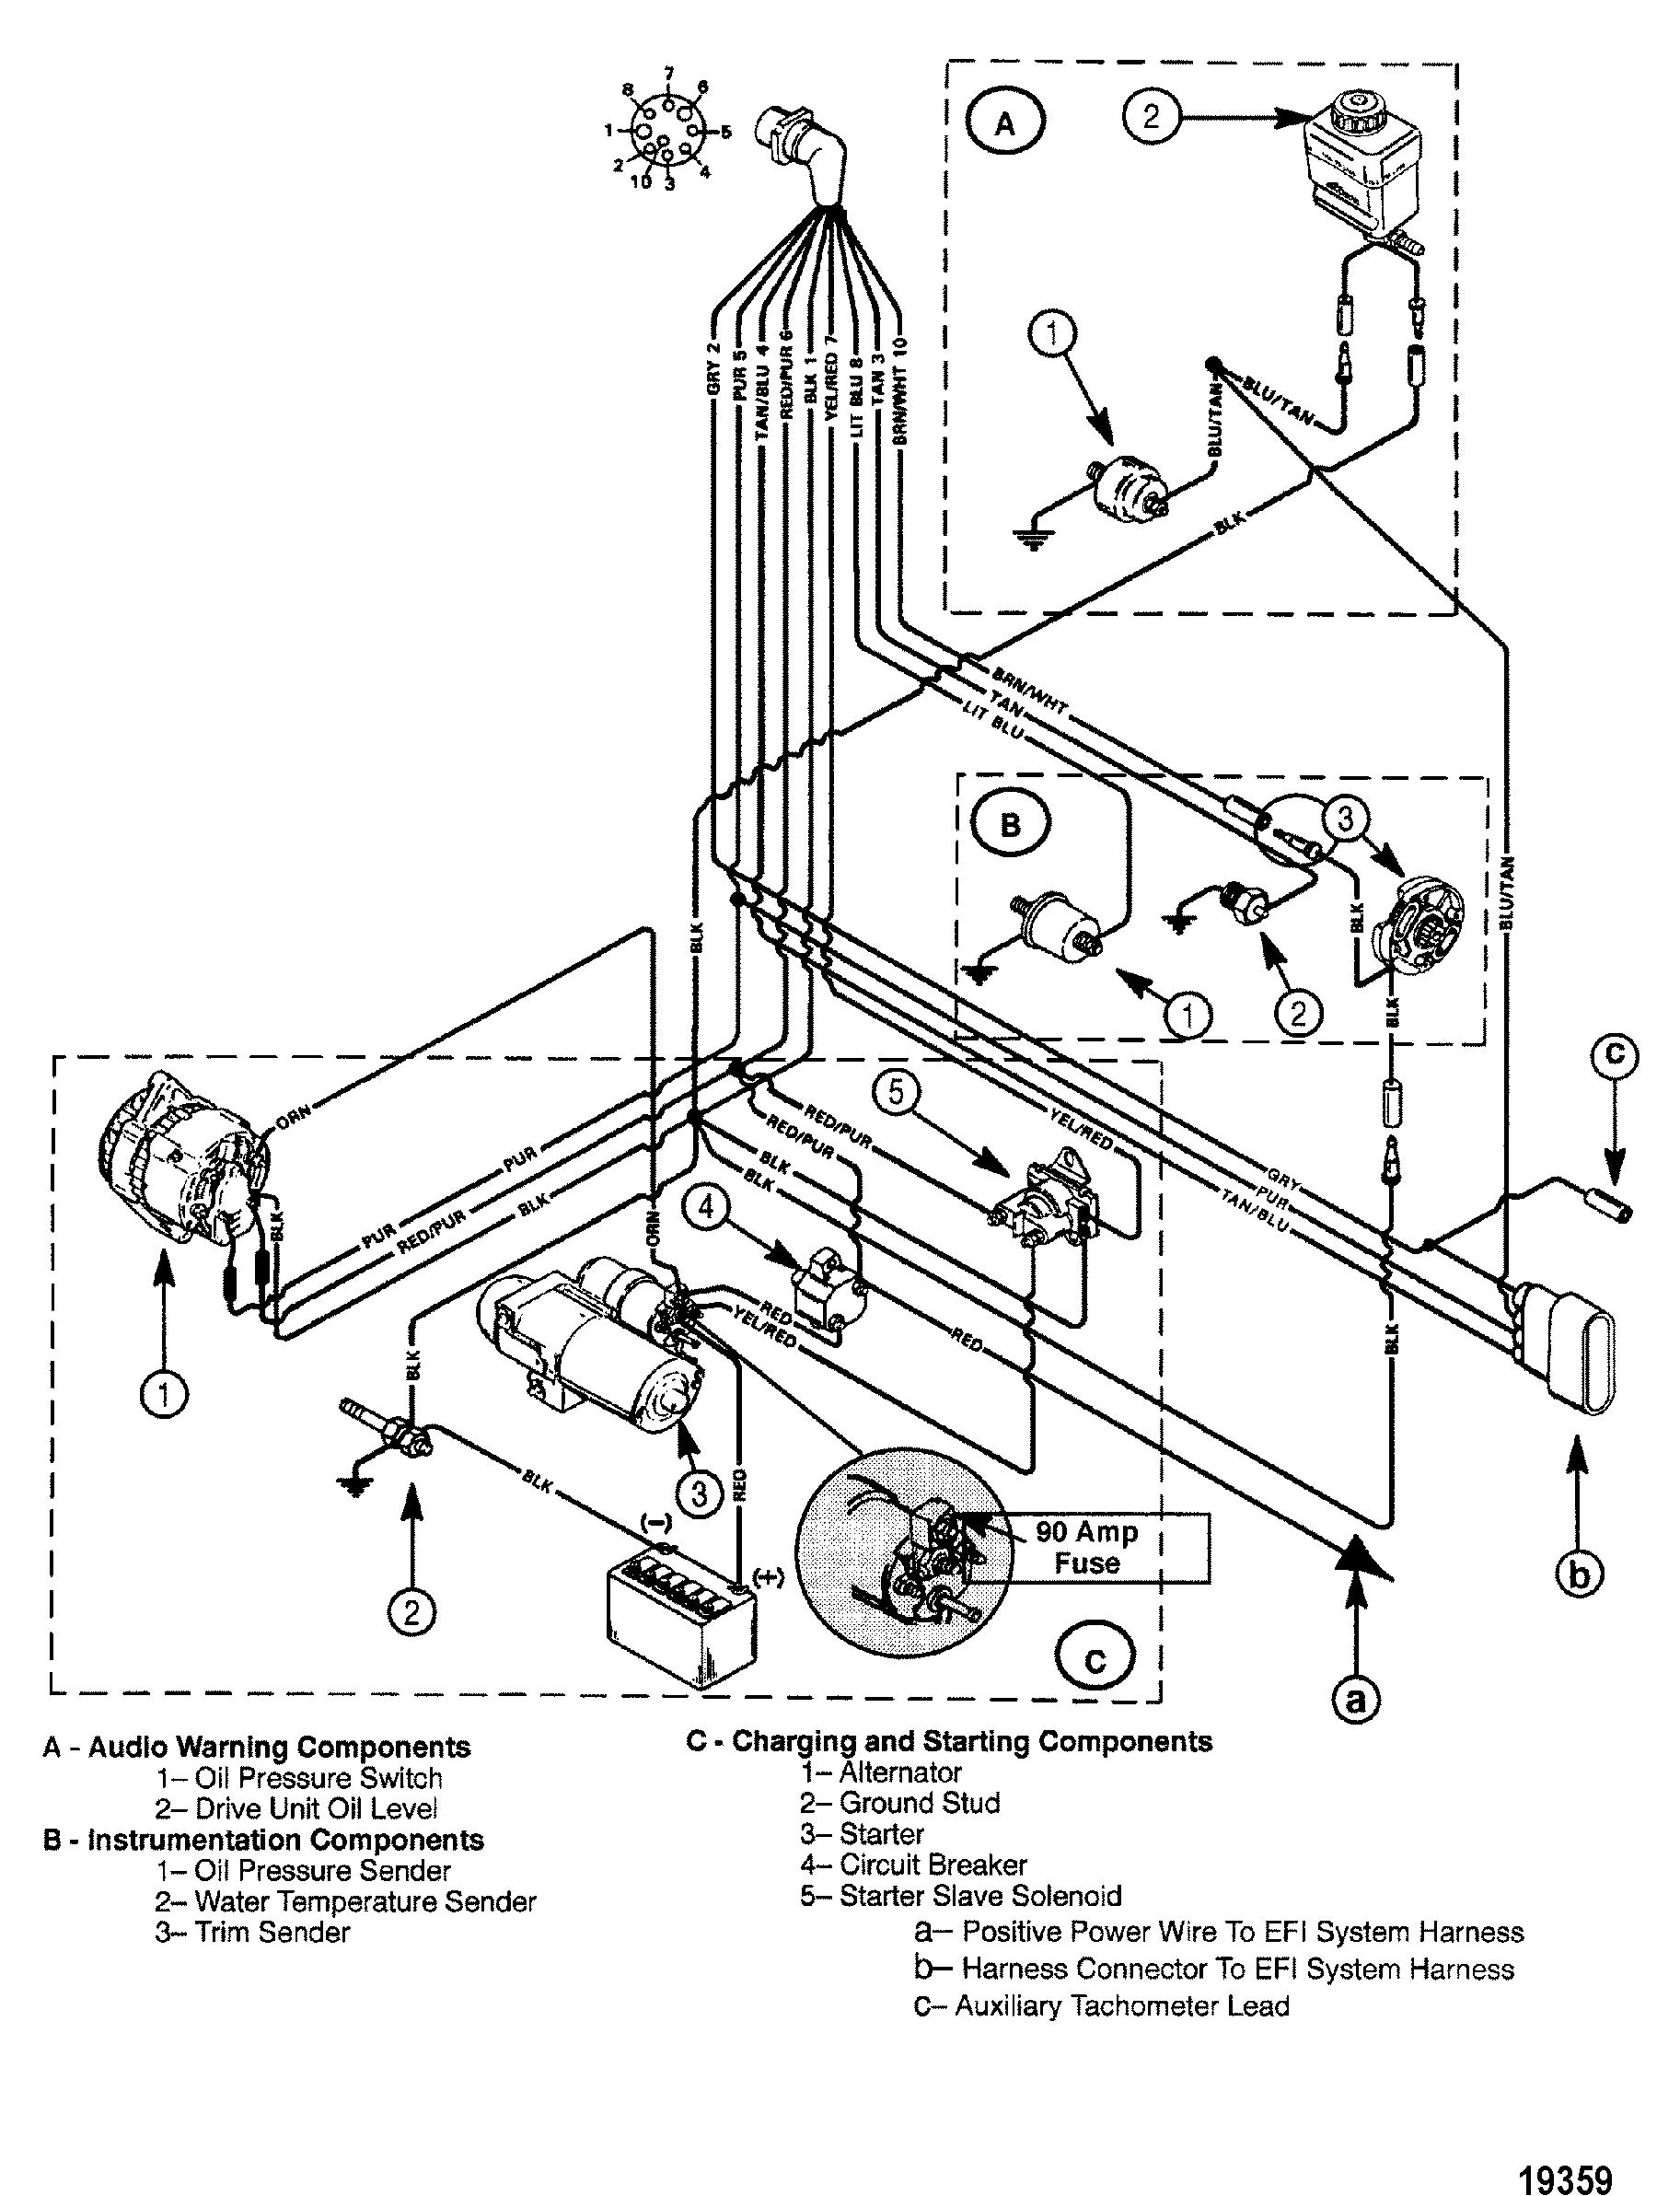 Marine 454 Starter Alternator Wiring Diagram